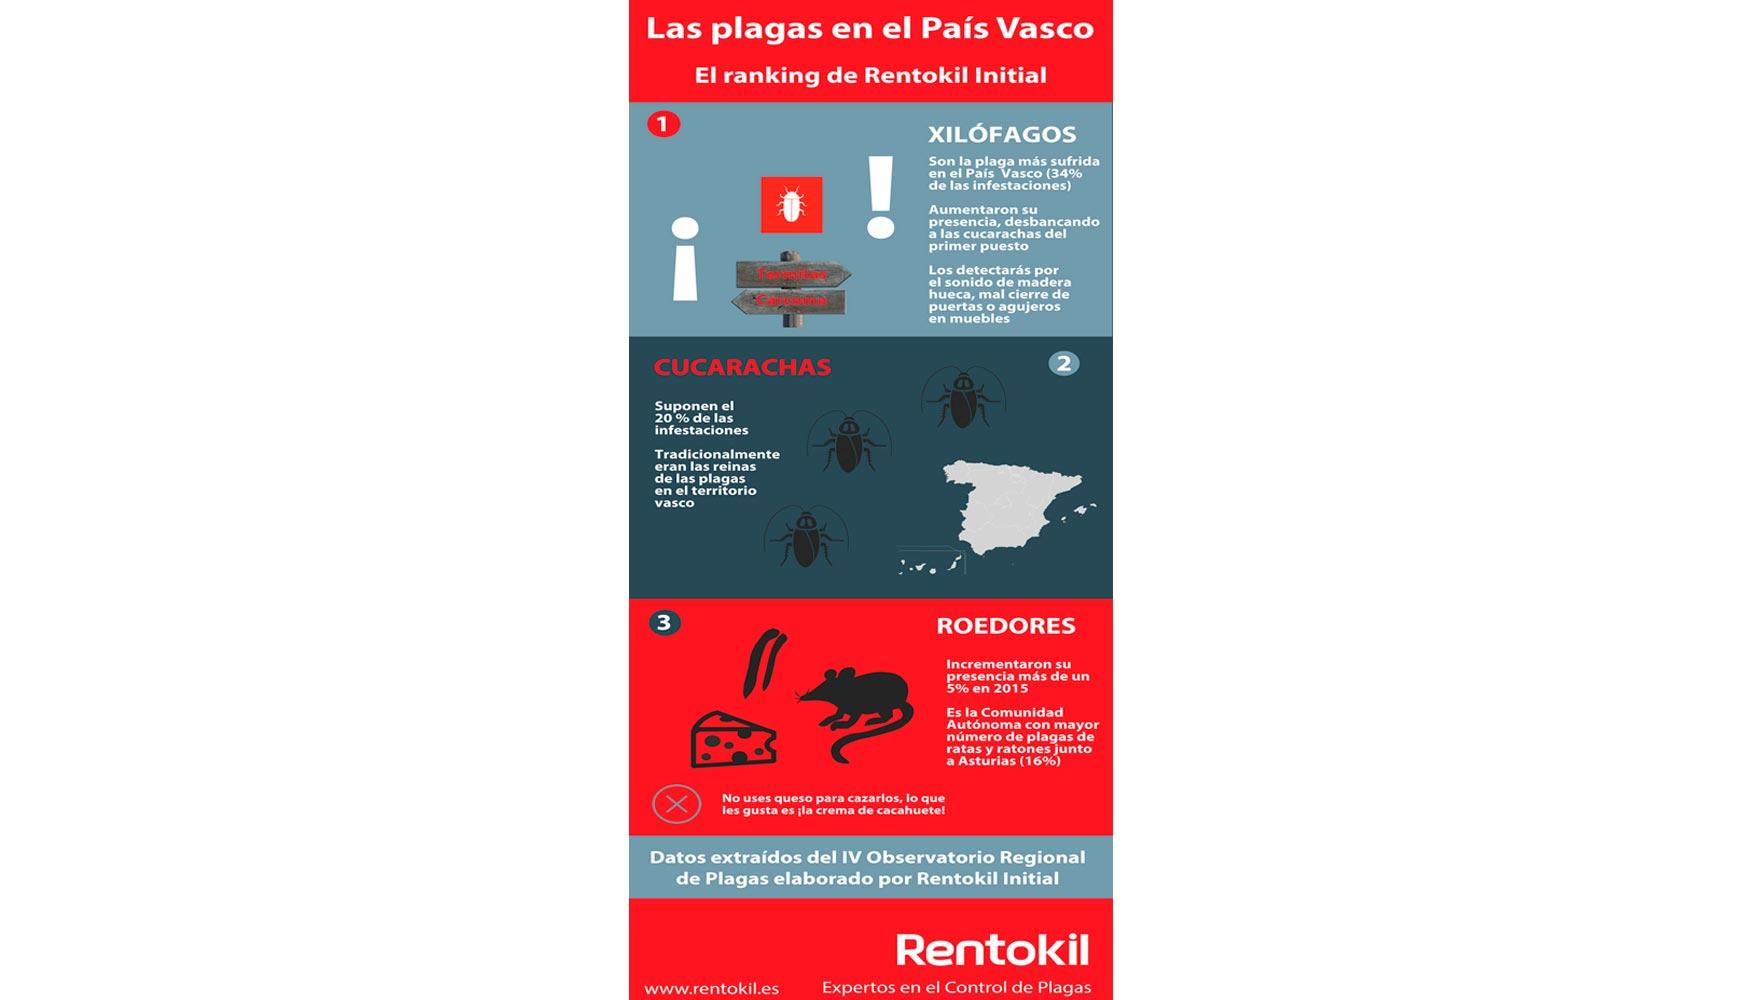 Las Termitas Y La Carcoma Superan A Las Cucarachas Como La Plaga  # Muebles Reto Asturias